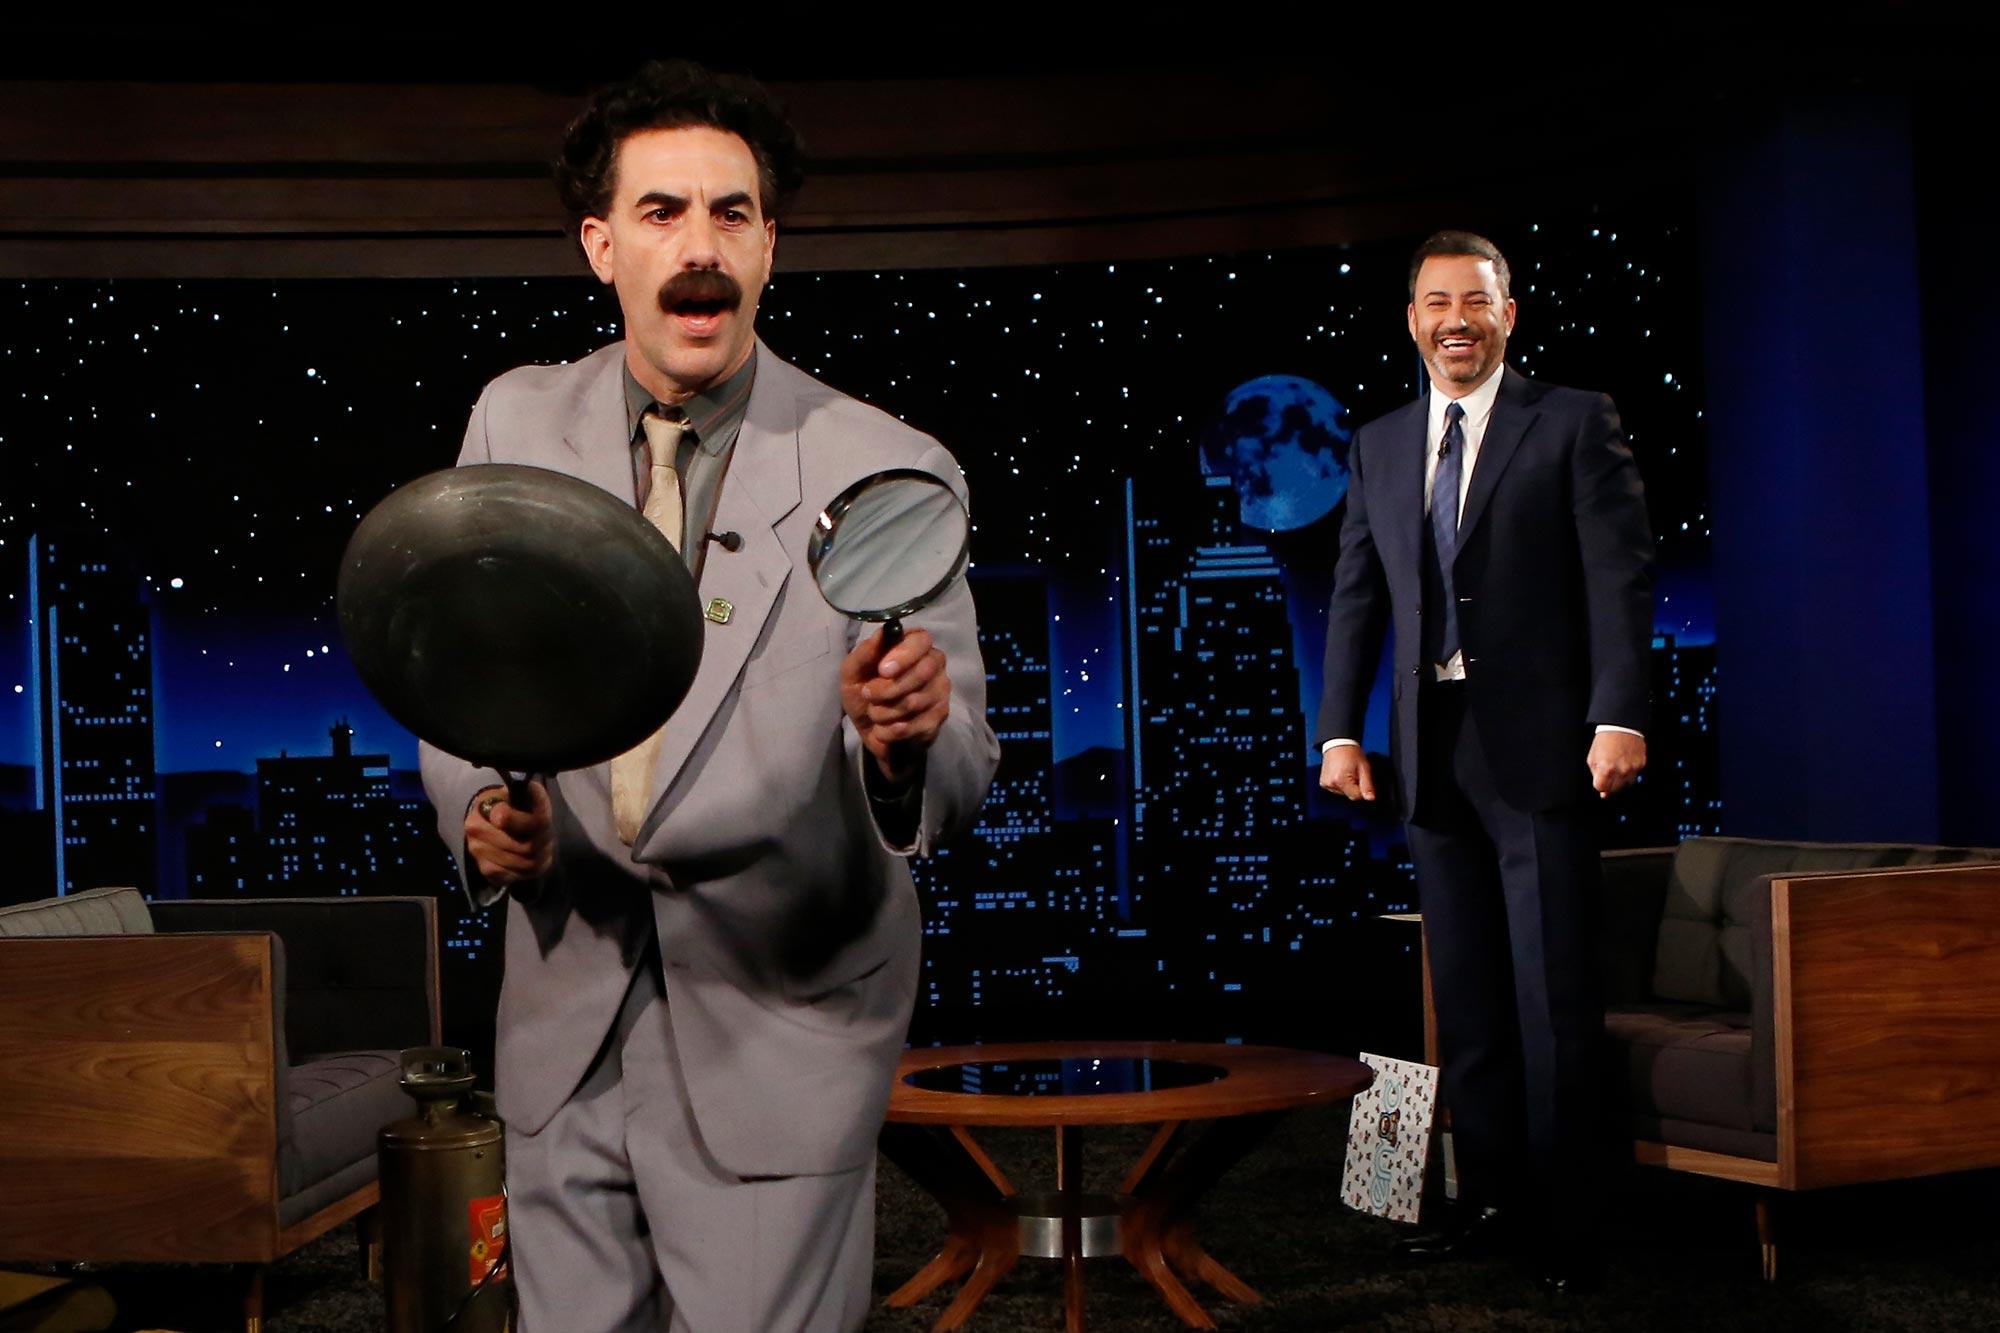 Borat on Jimmy Kimmel